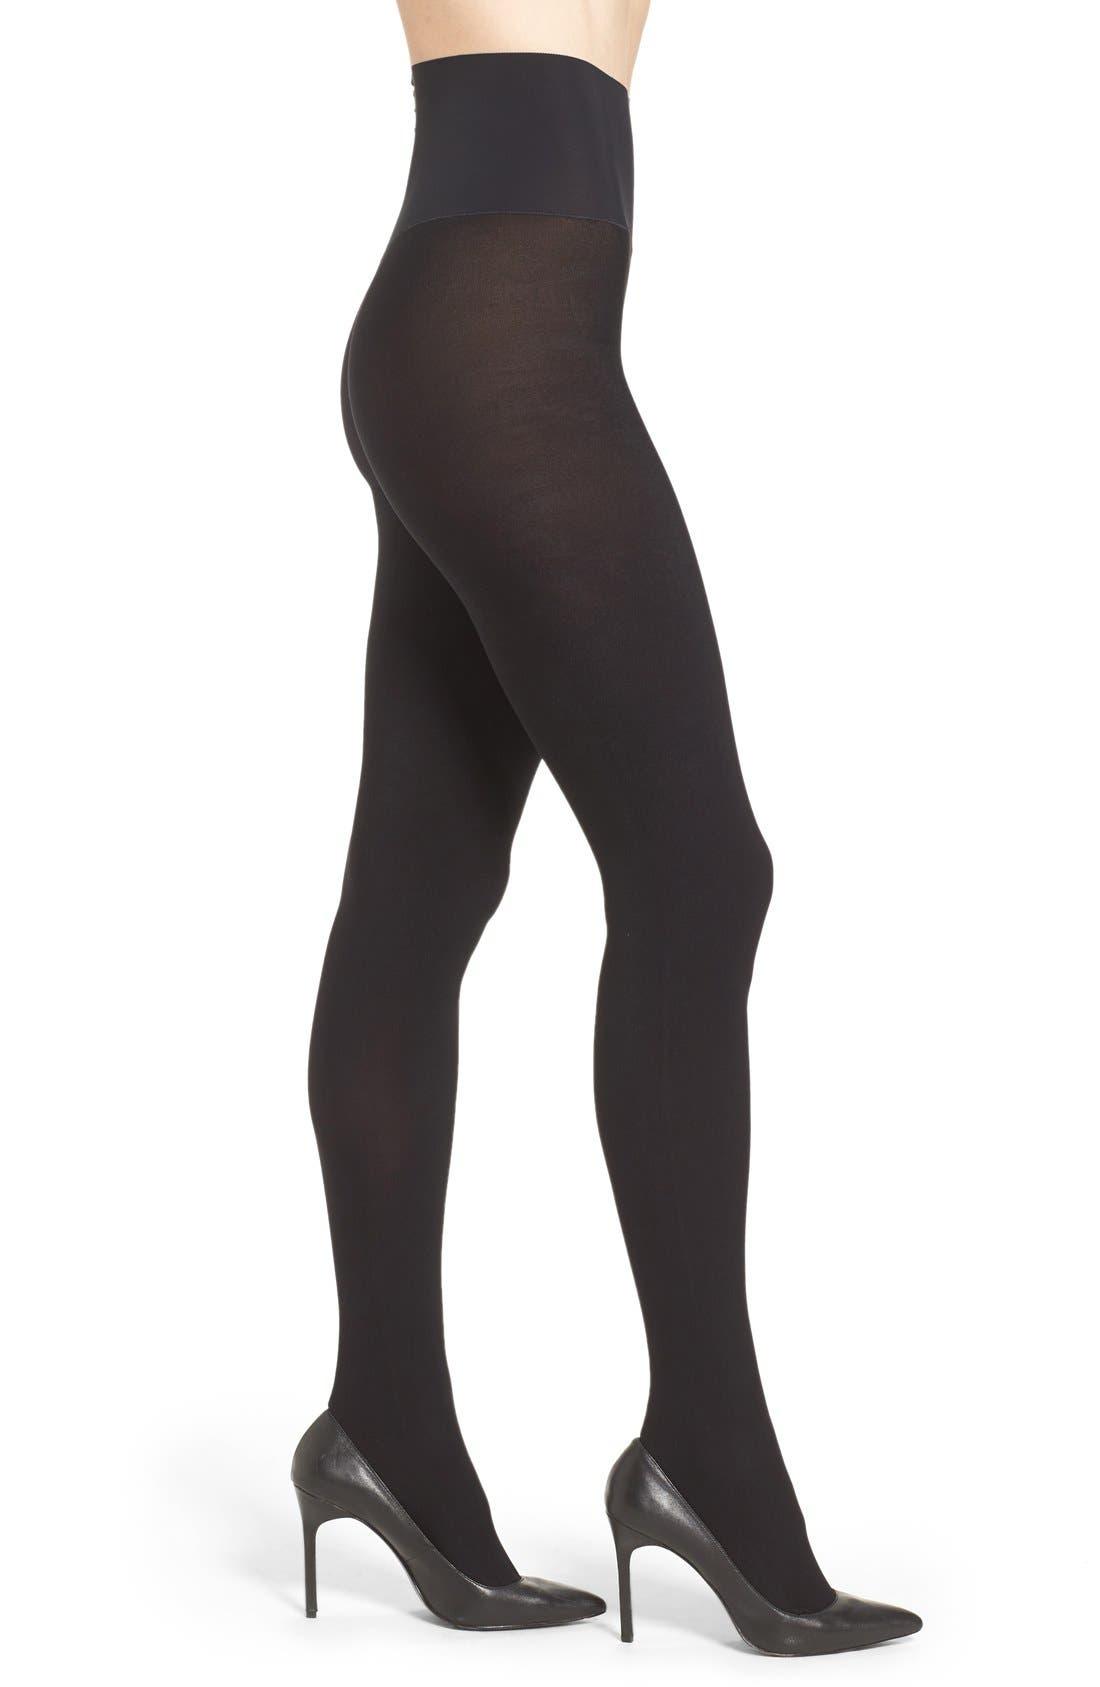 COMMANDO Ultimate Opaque Matte Tights, Black